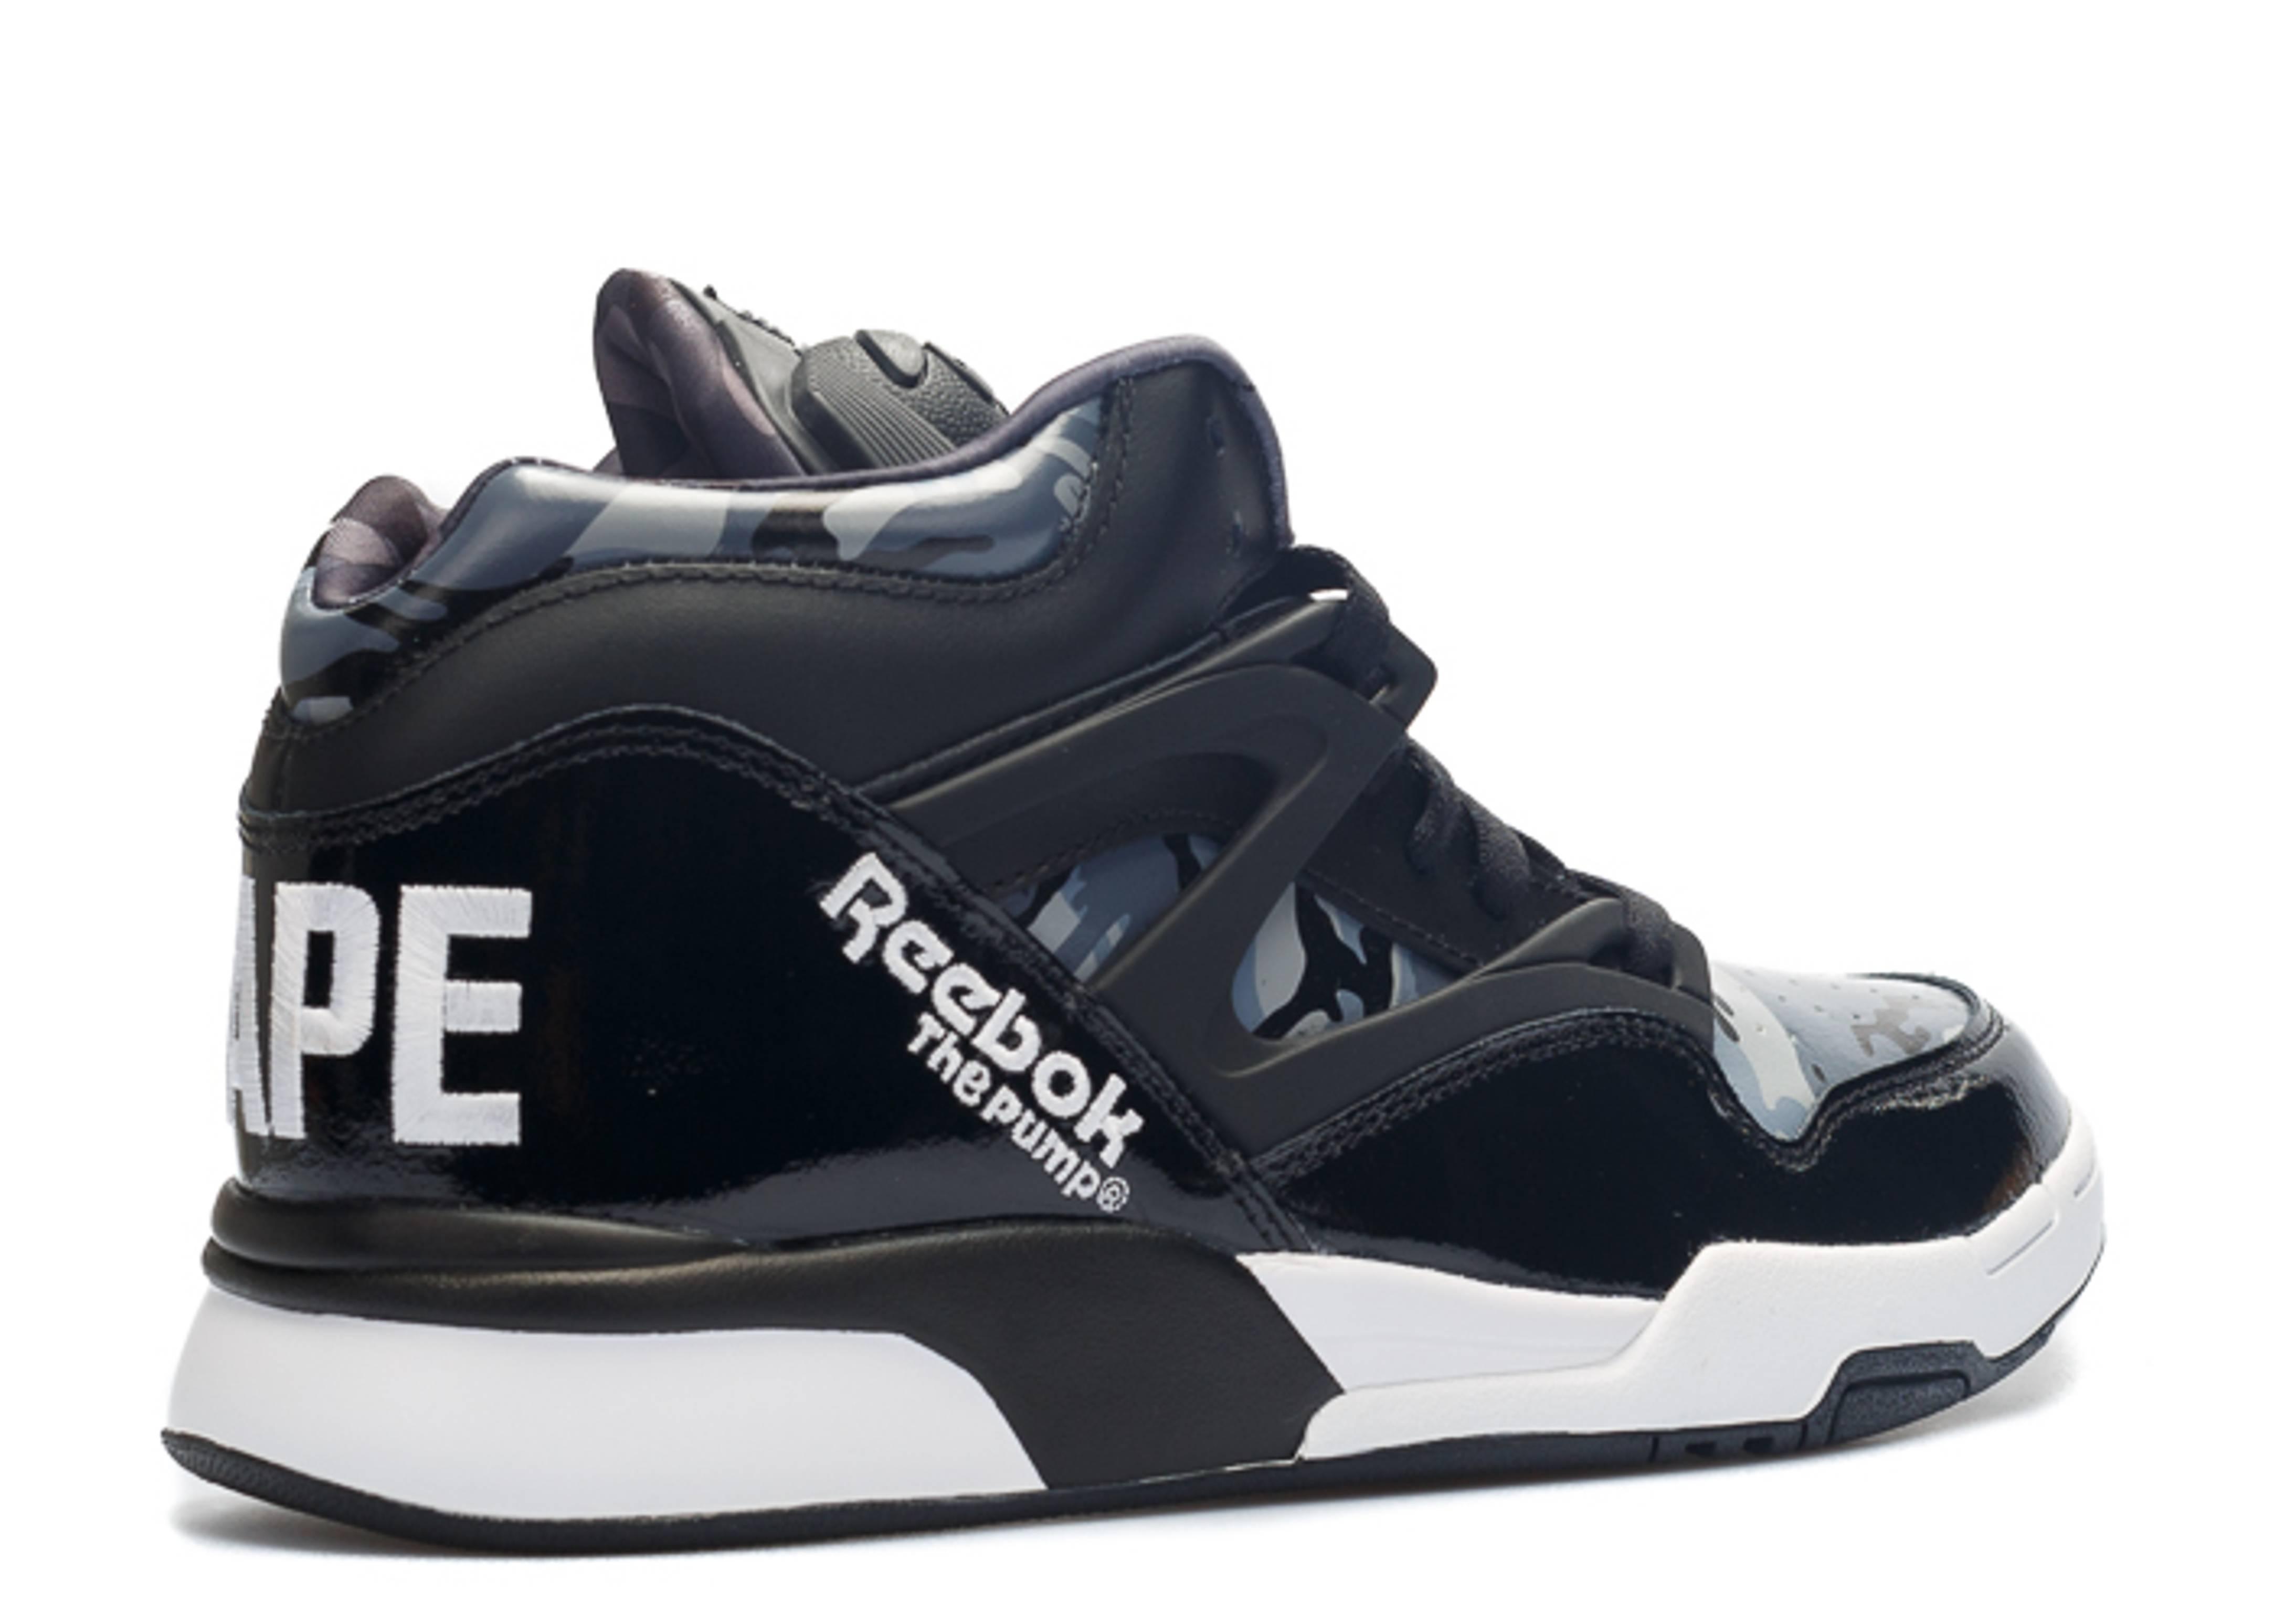 reebok pump size 15